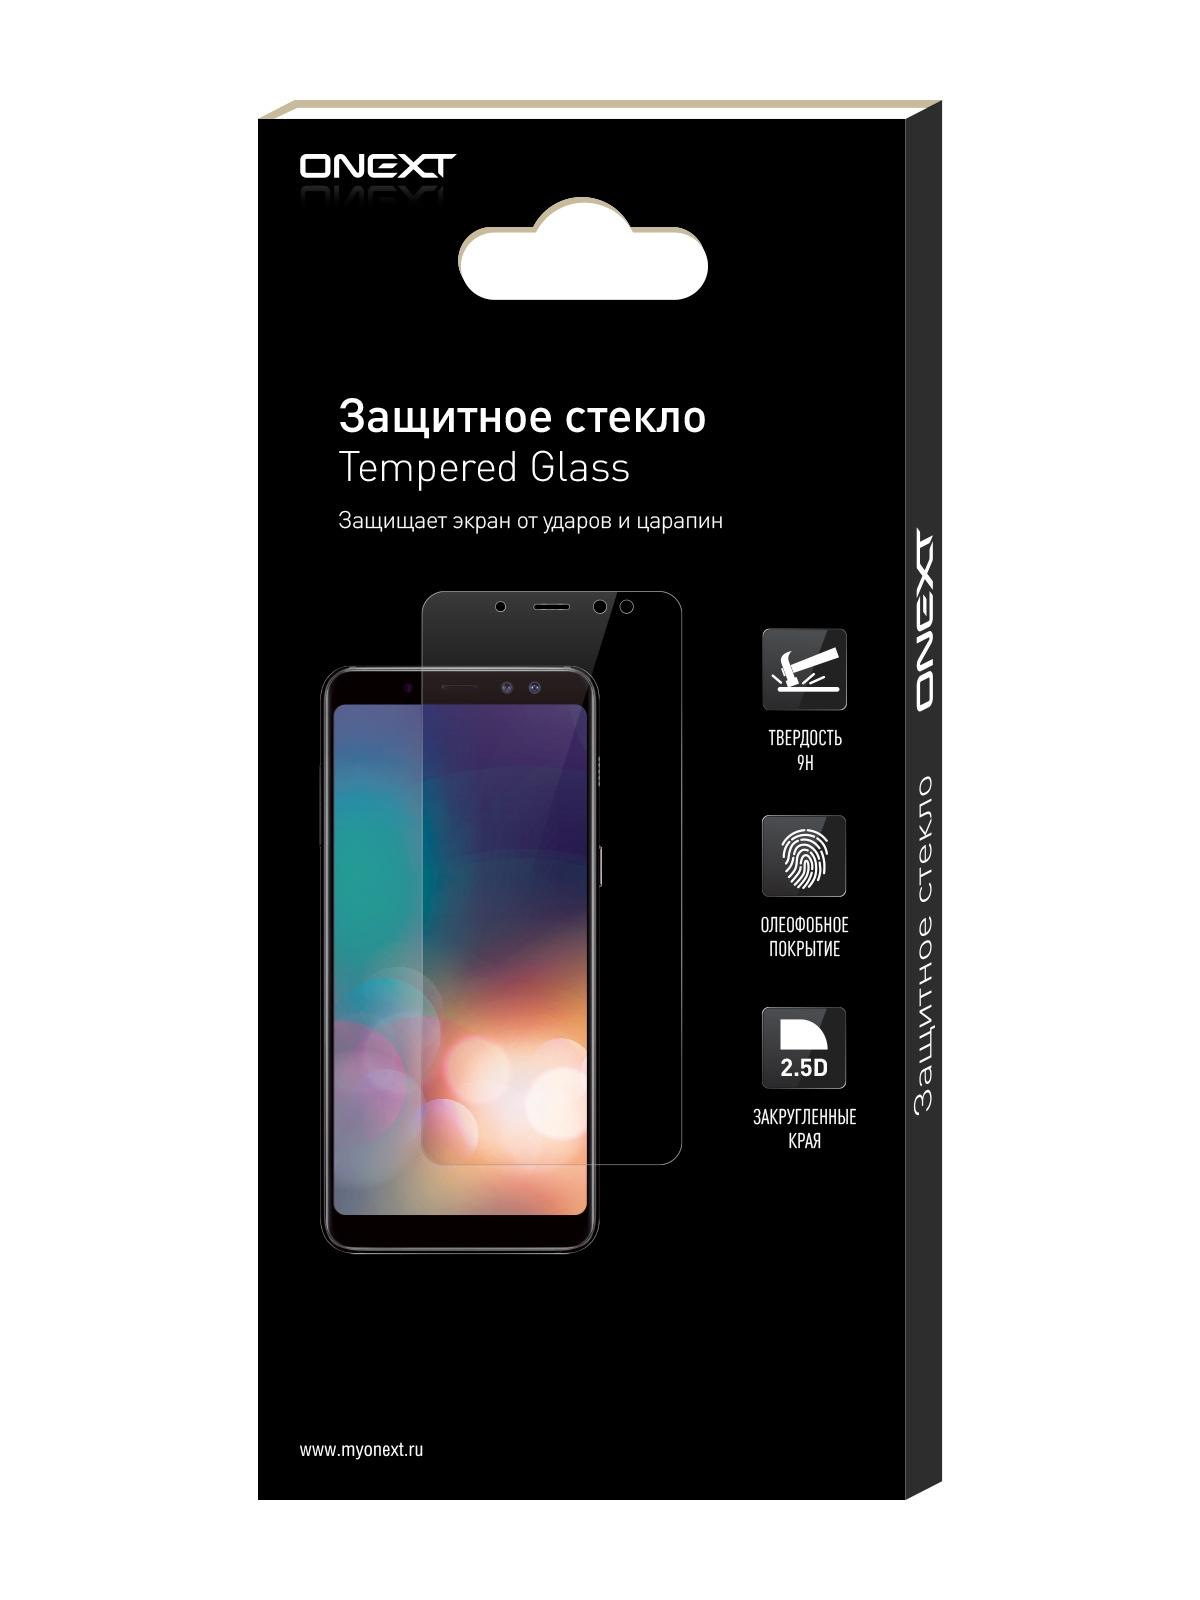 Защитное стекло ONEXT Huawei Honor 9 Lite защитное стекло onext для huawei honor 9 lite 641 41661 с рамкой черный